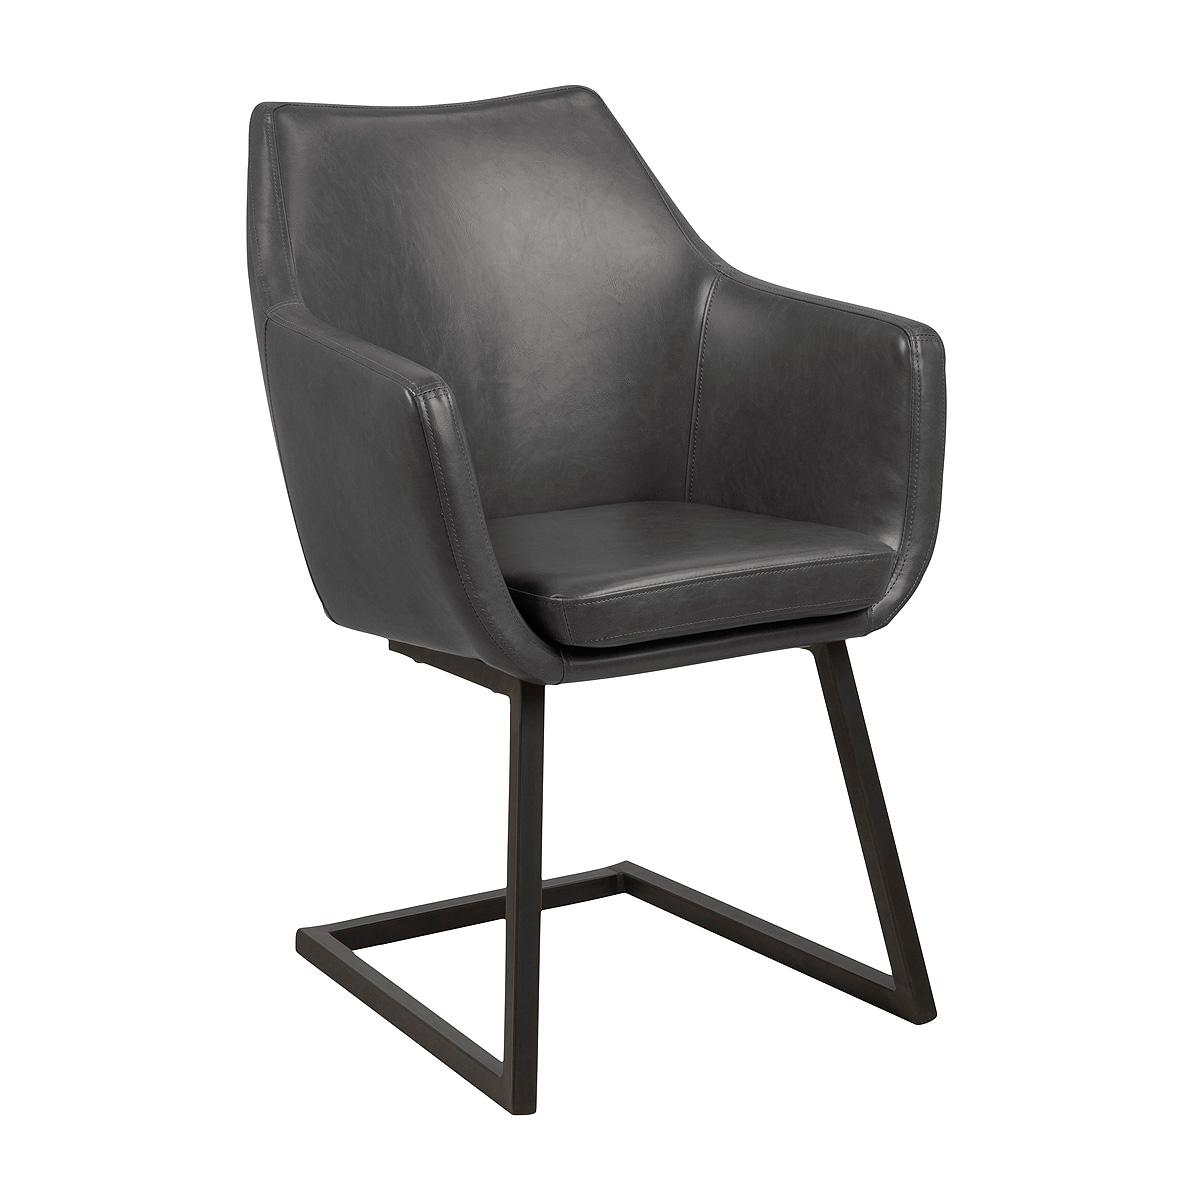 stuhl nora esszimmer armlehnenstuhl sessel in vintage lederlook stoff eiche ebay. Black Bedroom Furniture Sets. Home Design Ideas